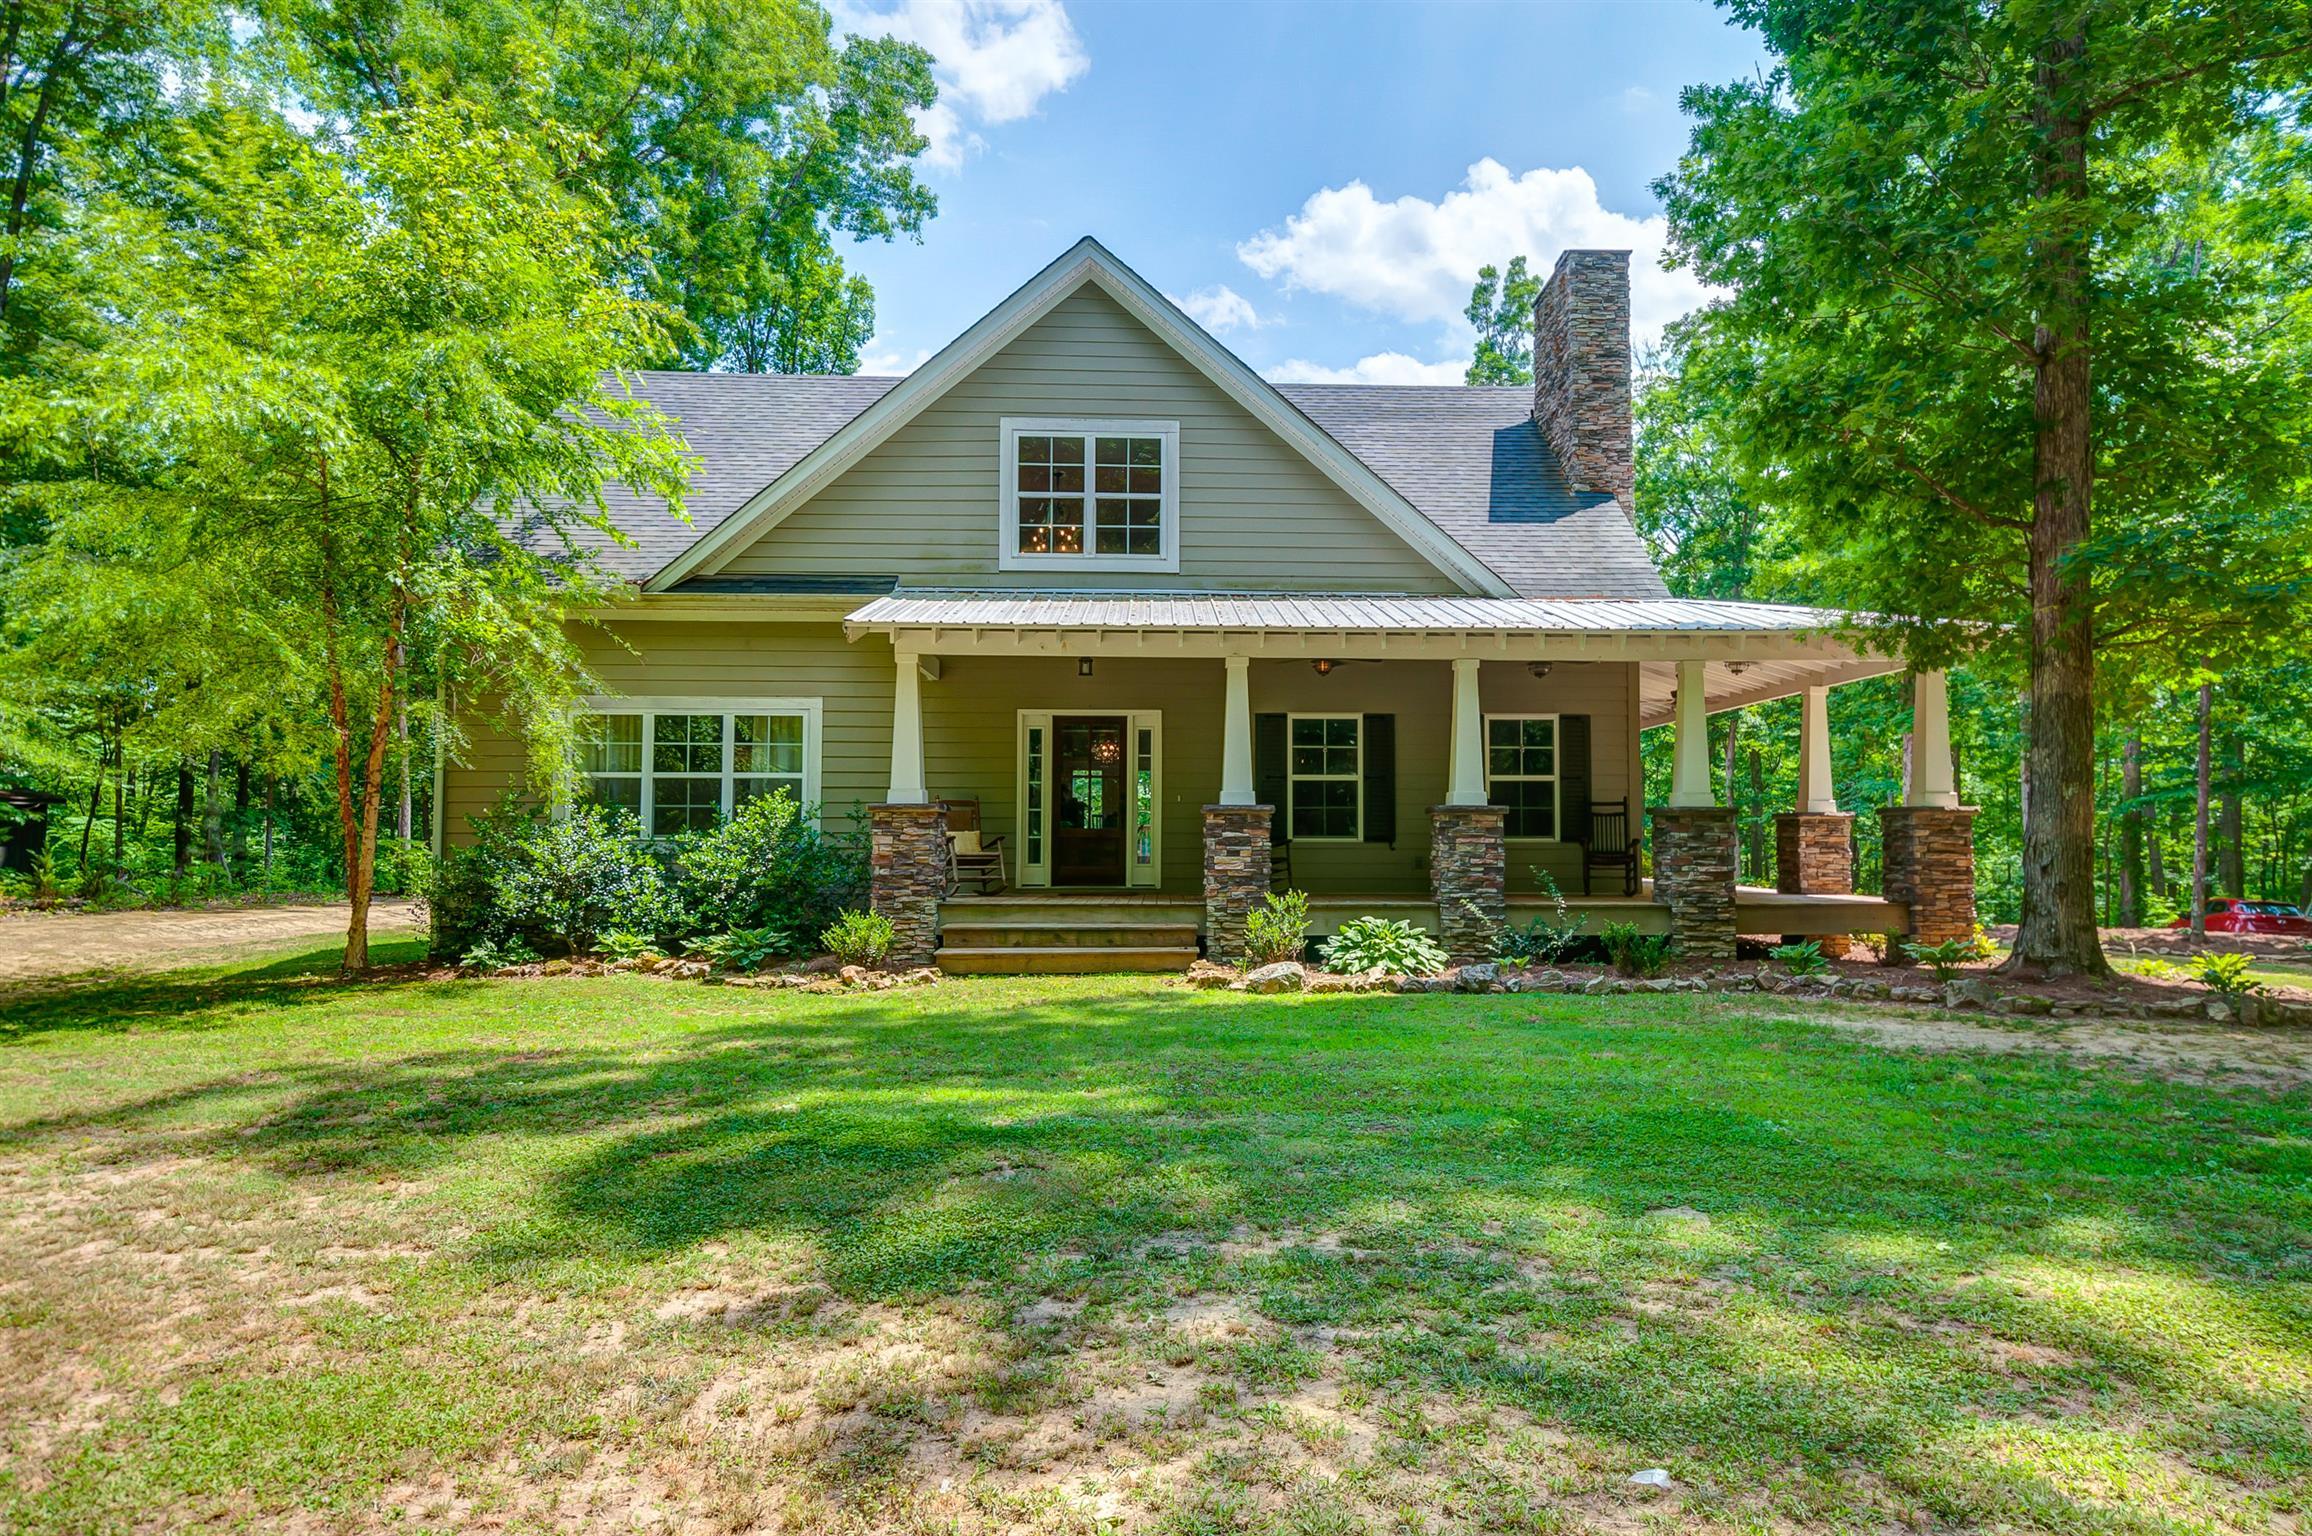 5661 Pinewood Rd, Franklin, TN 37064 - Franklin, TN real estate listing